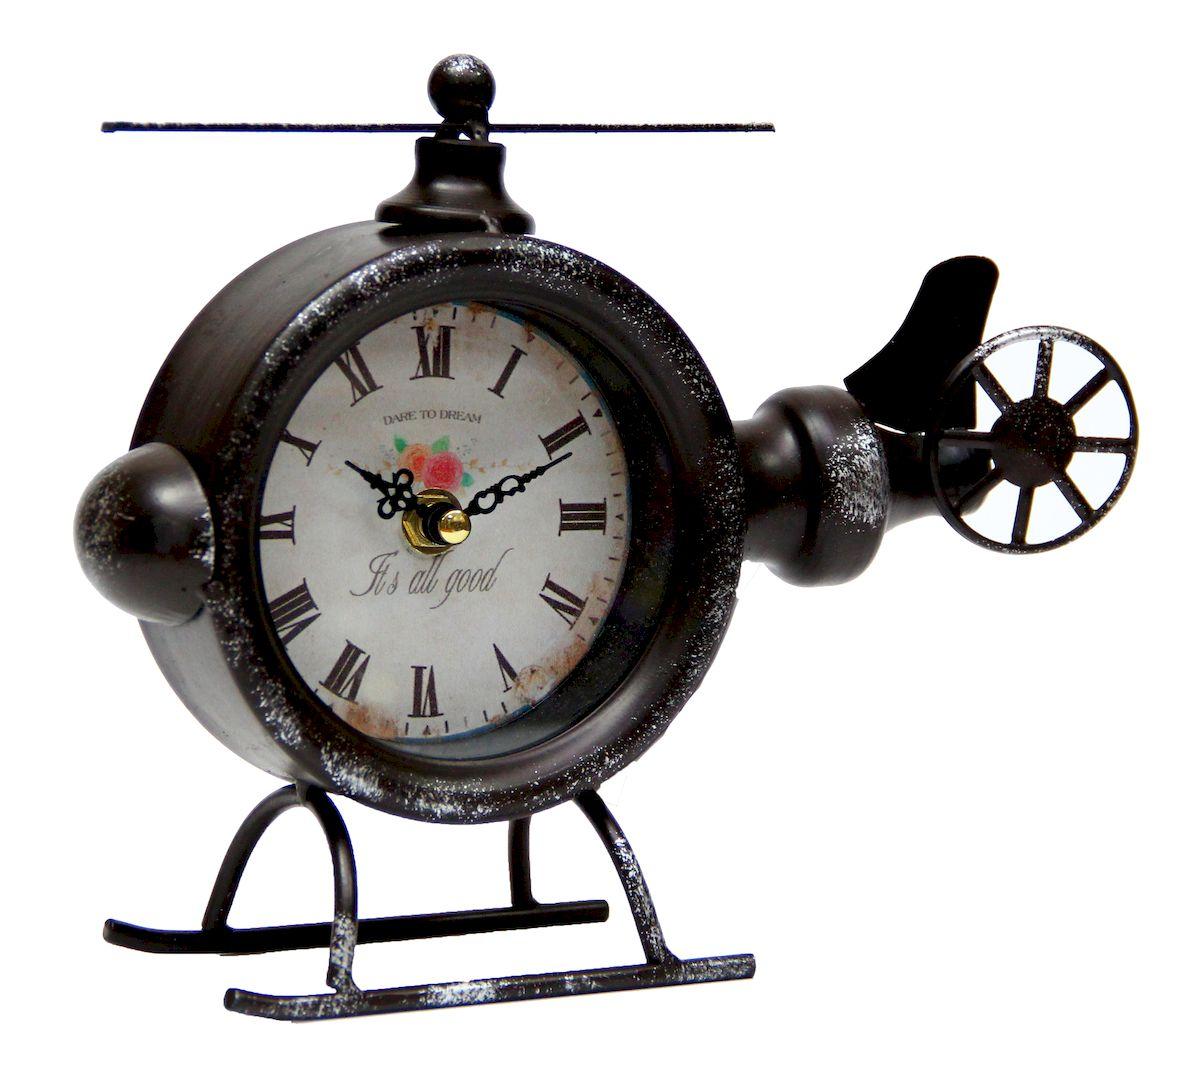 Часы настольные Magic Home Вертолет, кварцевые, цвет: черный2706 (ПО)Настольные кварцевые часы Magic Home Вертолет изготовлены из металла черного цвета, циферблат из черного металла с покрытием из принтованной бумаги. Настольные часы Magic Home Вертолет прекрасно оформят интерьер дома или рабочий стол в офисе.Часы работают от одной батарейки типа АА мощностью 1,5V (не входит в комплект).